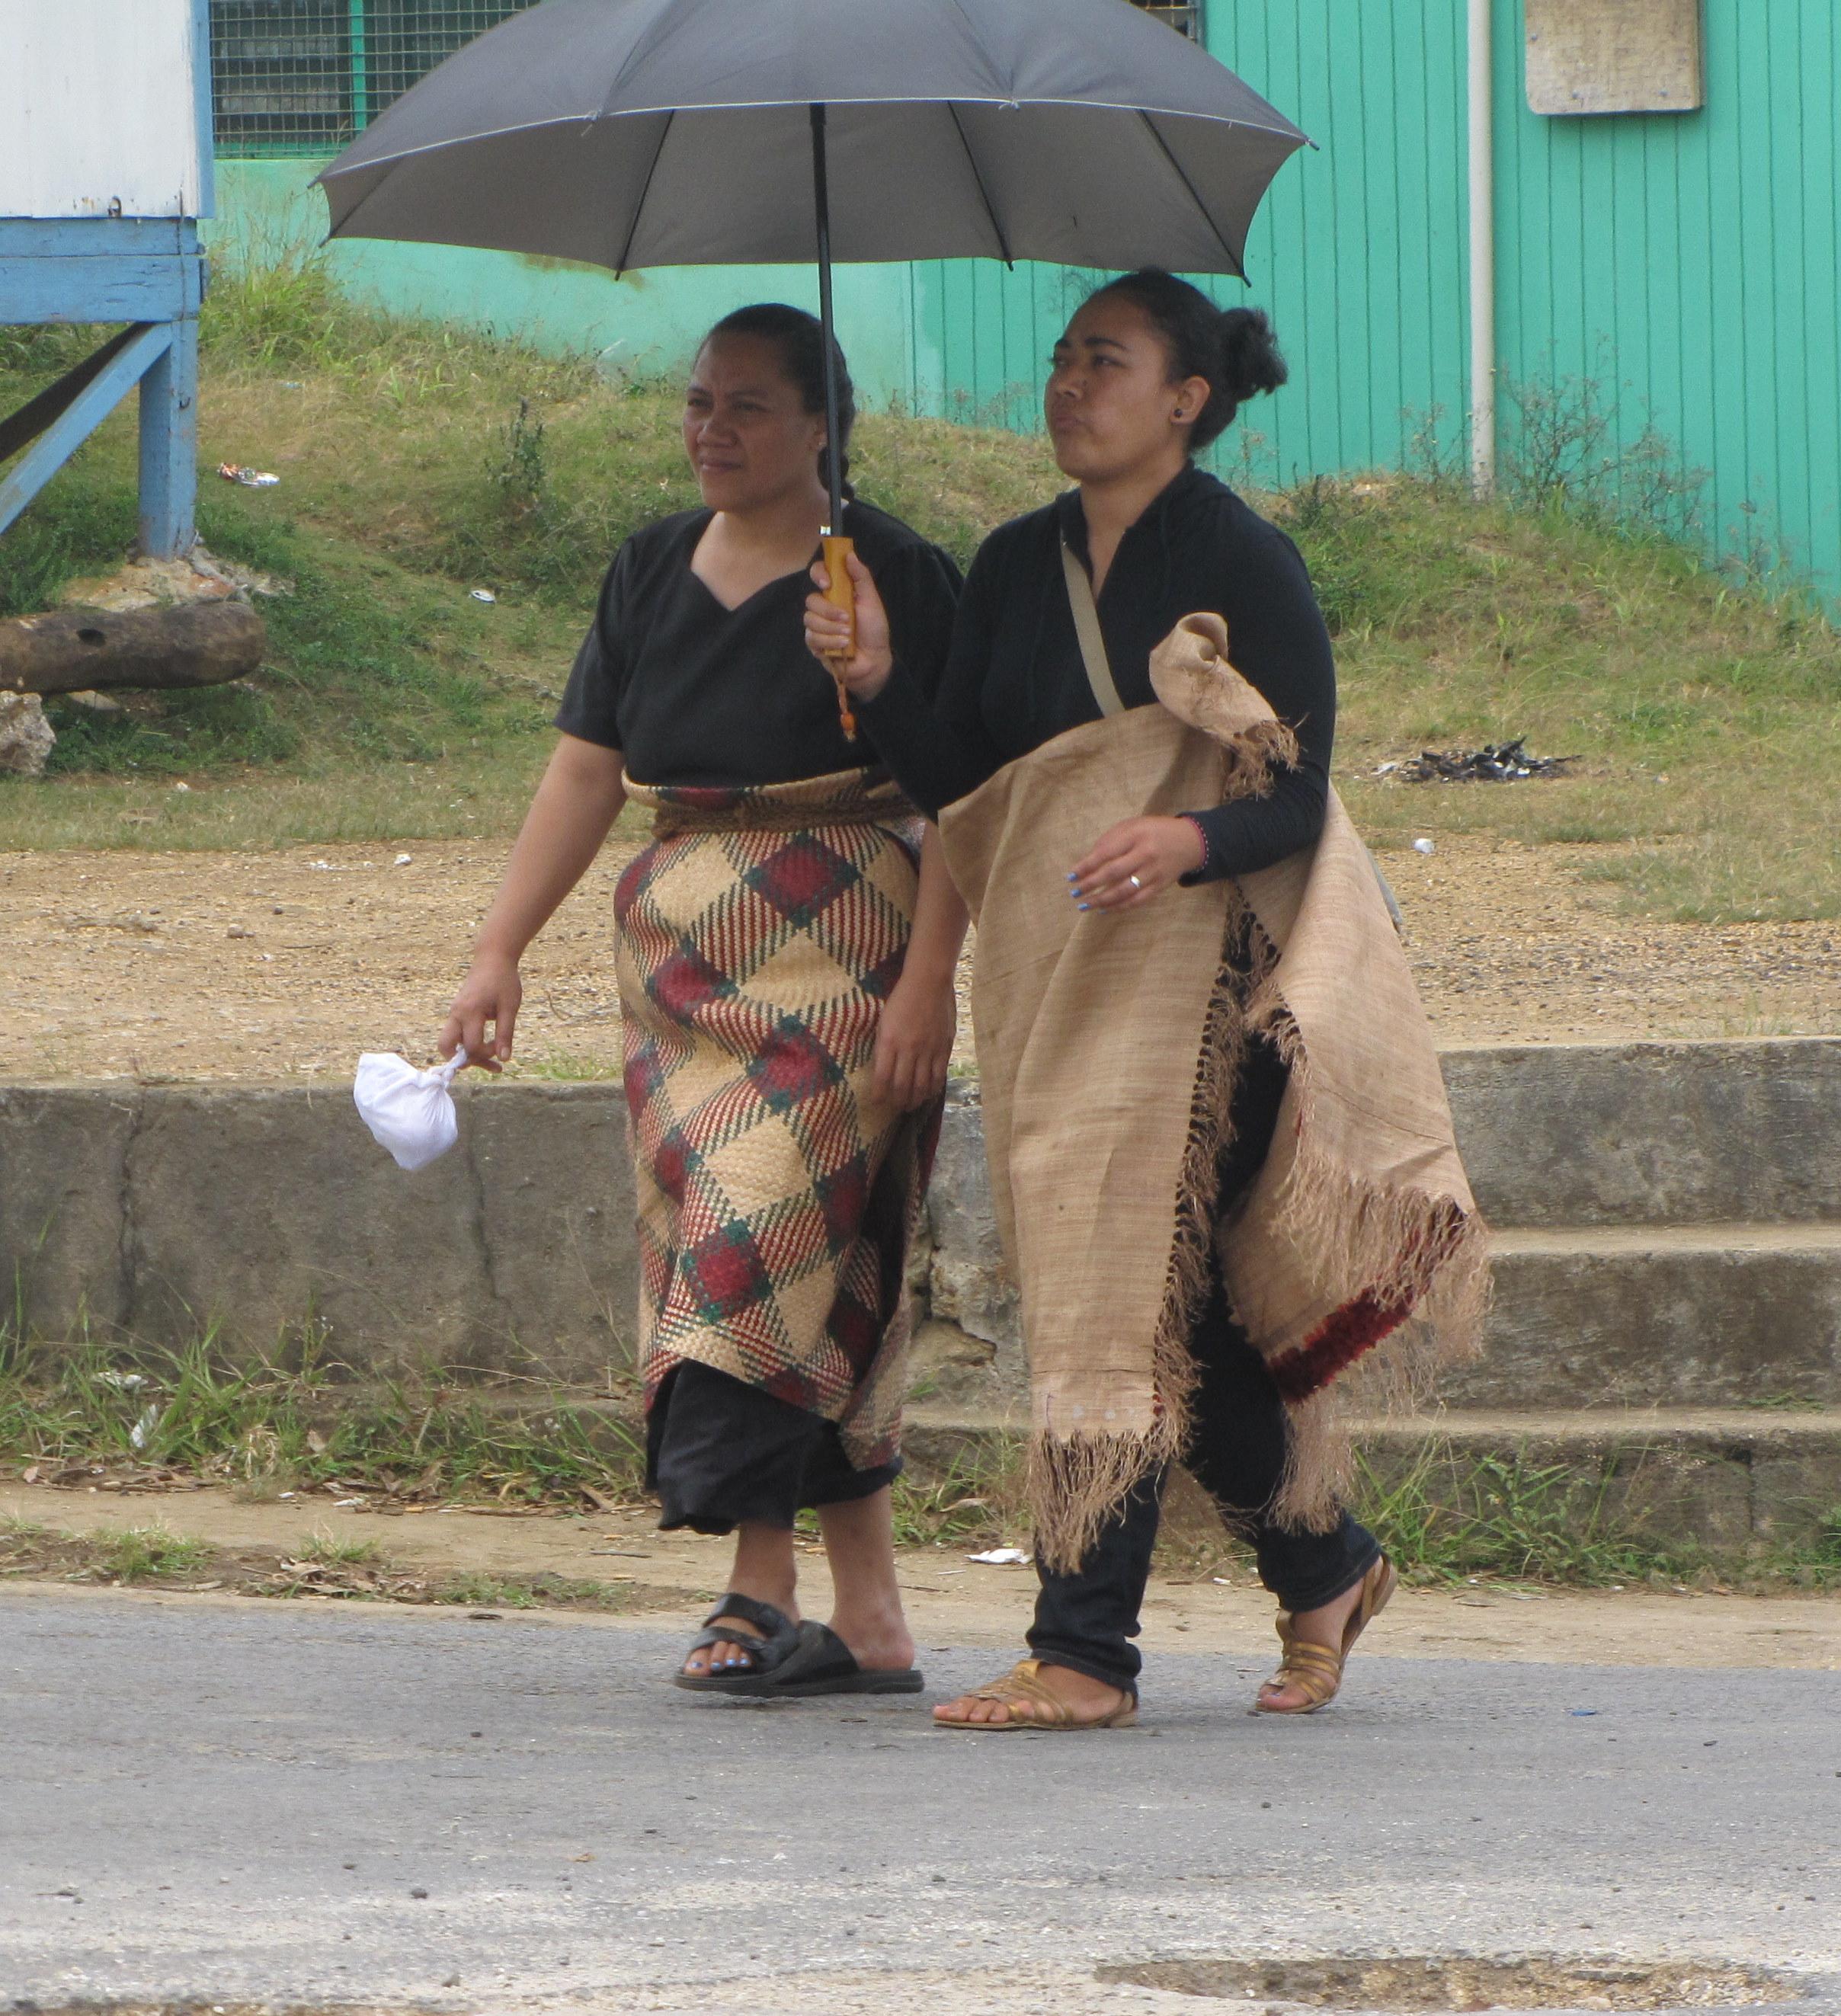 Tongan ladies in traditional dress.